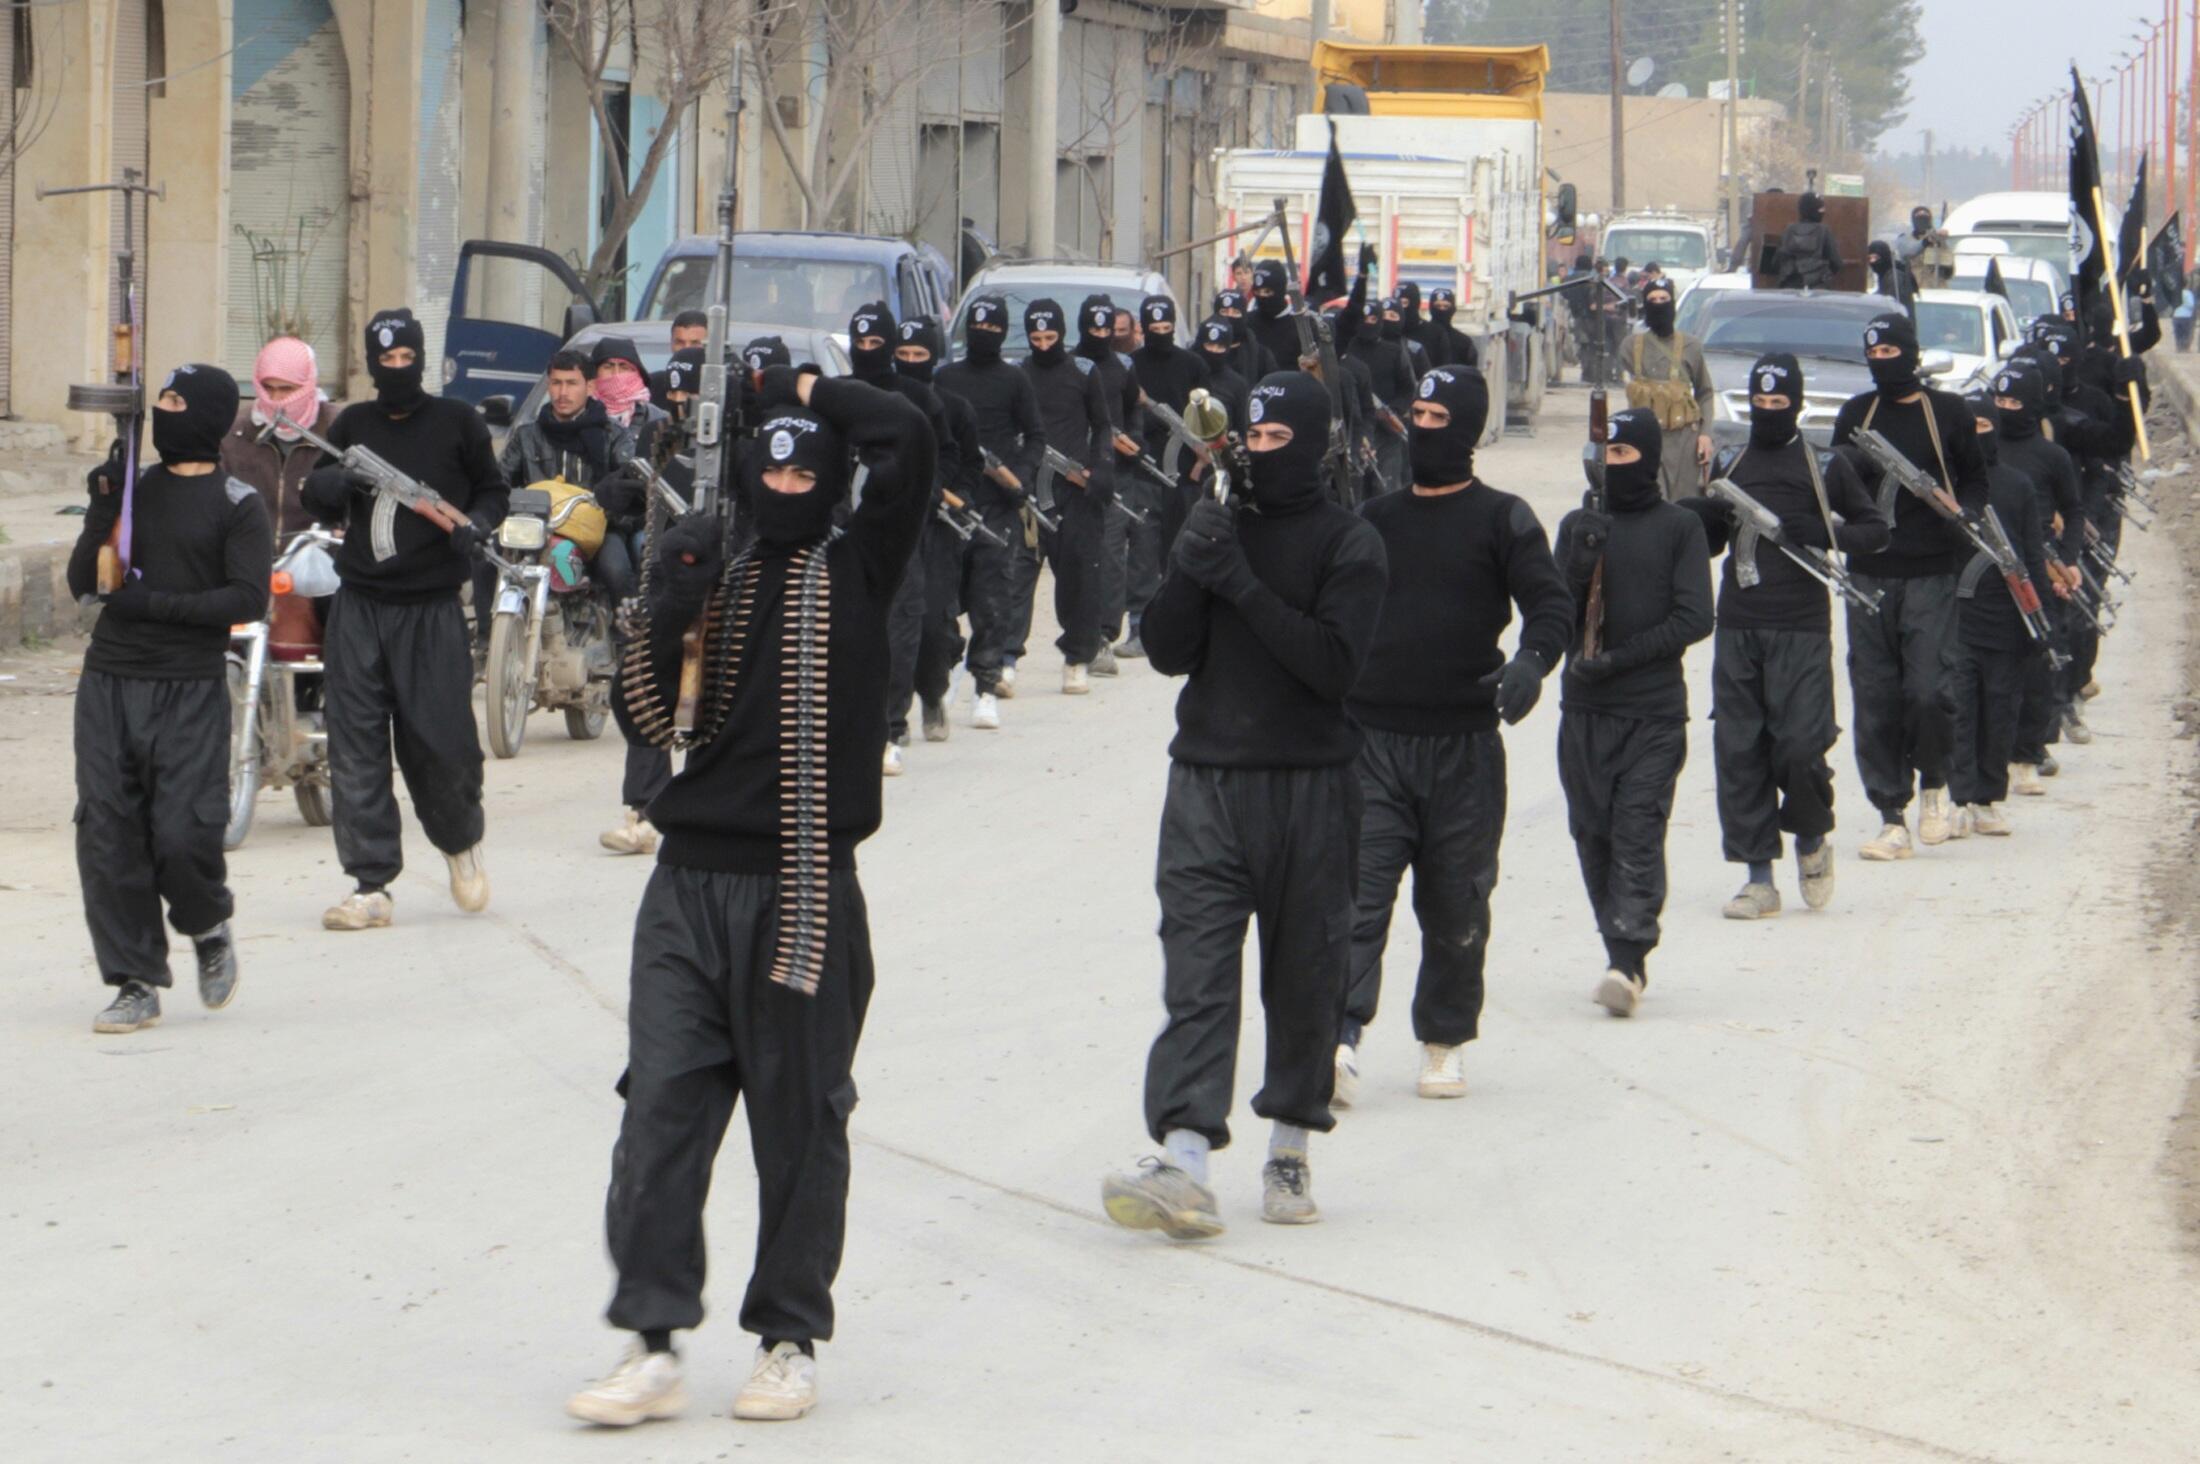 Des membres de l'EIIL paradent à Tel Abyad, à la frontière syro-turque. 2 janvier 2014.